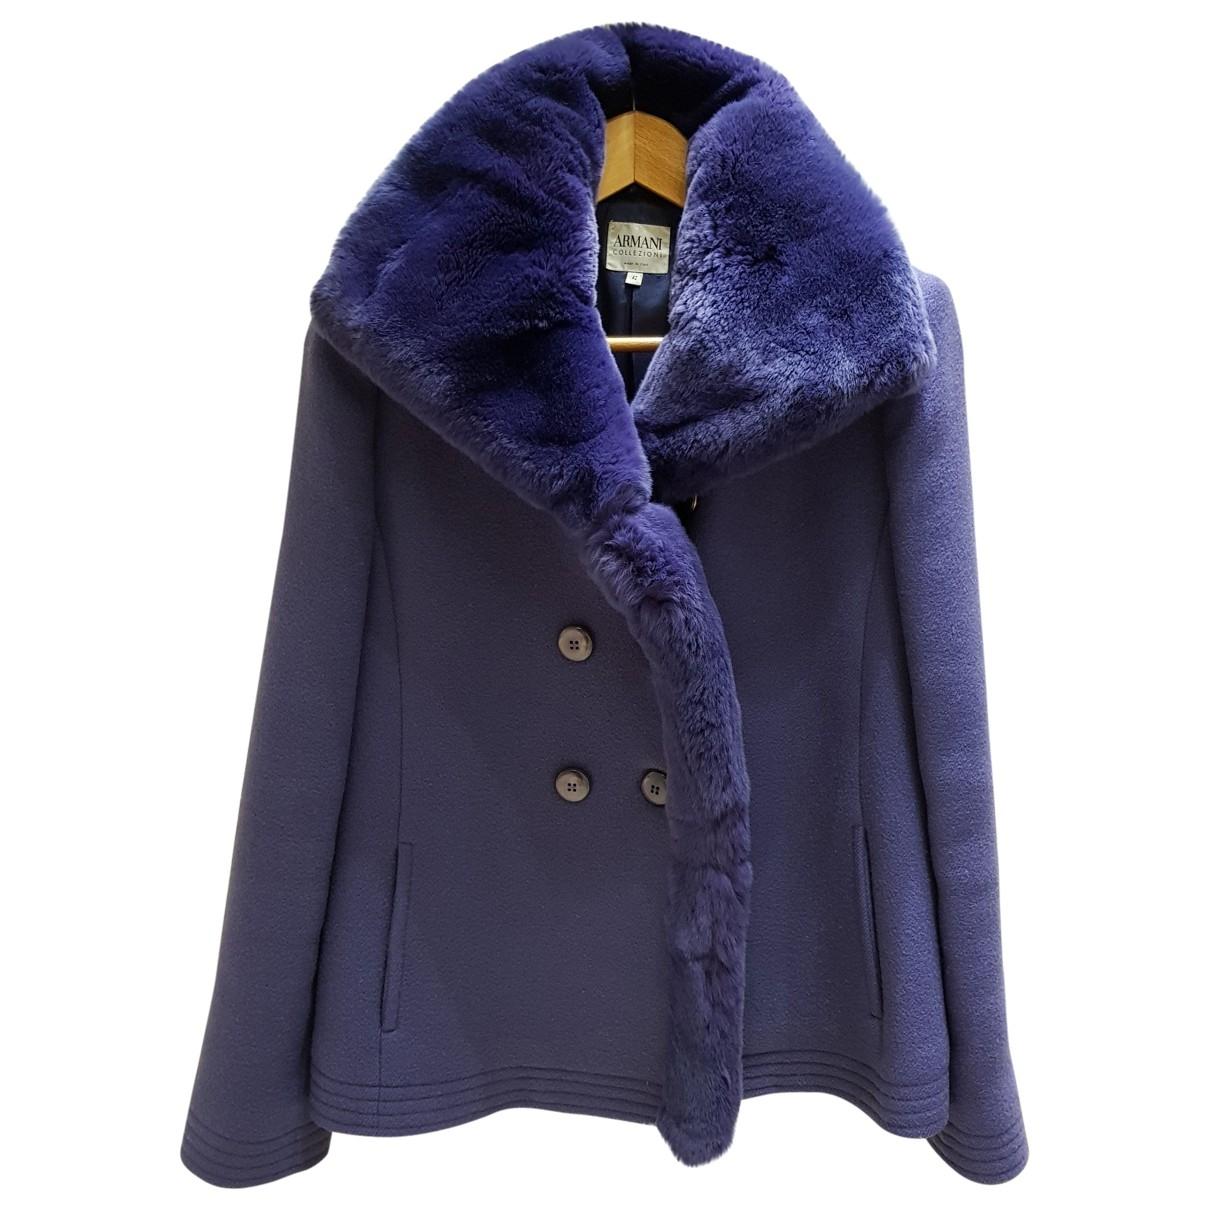 Armani Collezioni - Manteau   pour femme en laine - violet